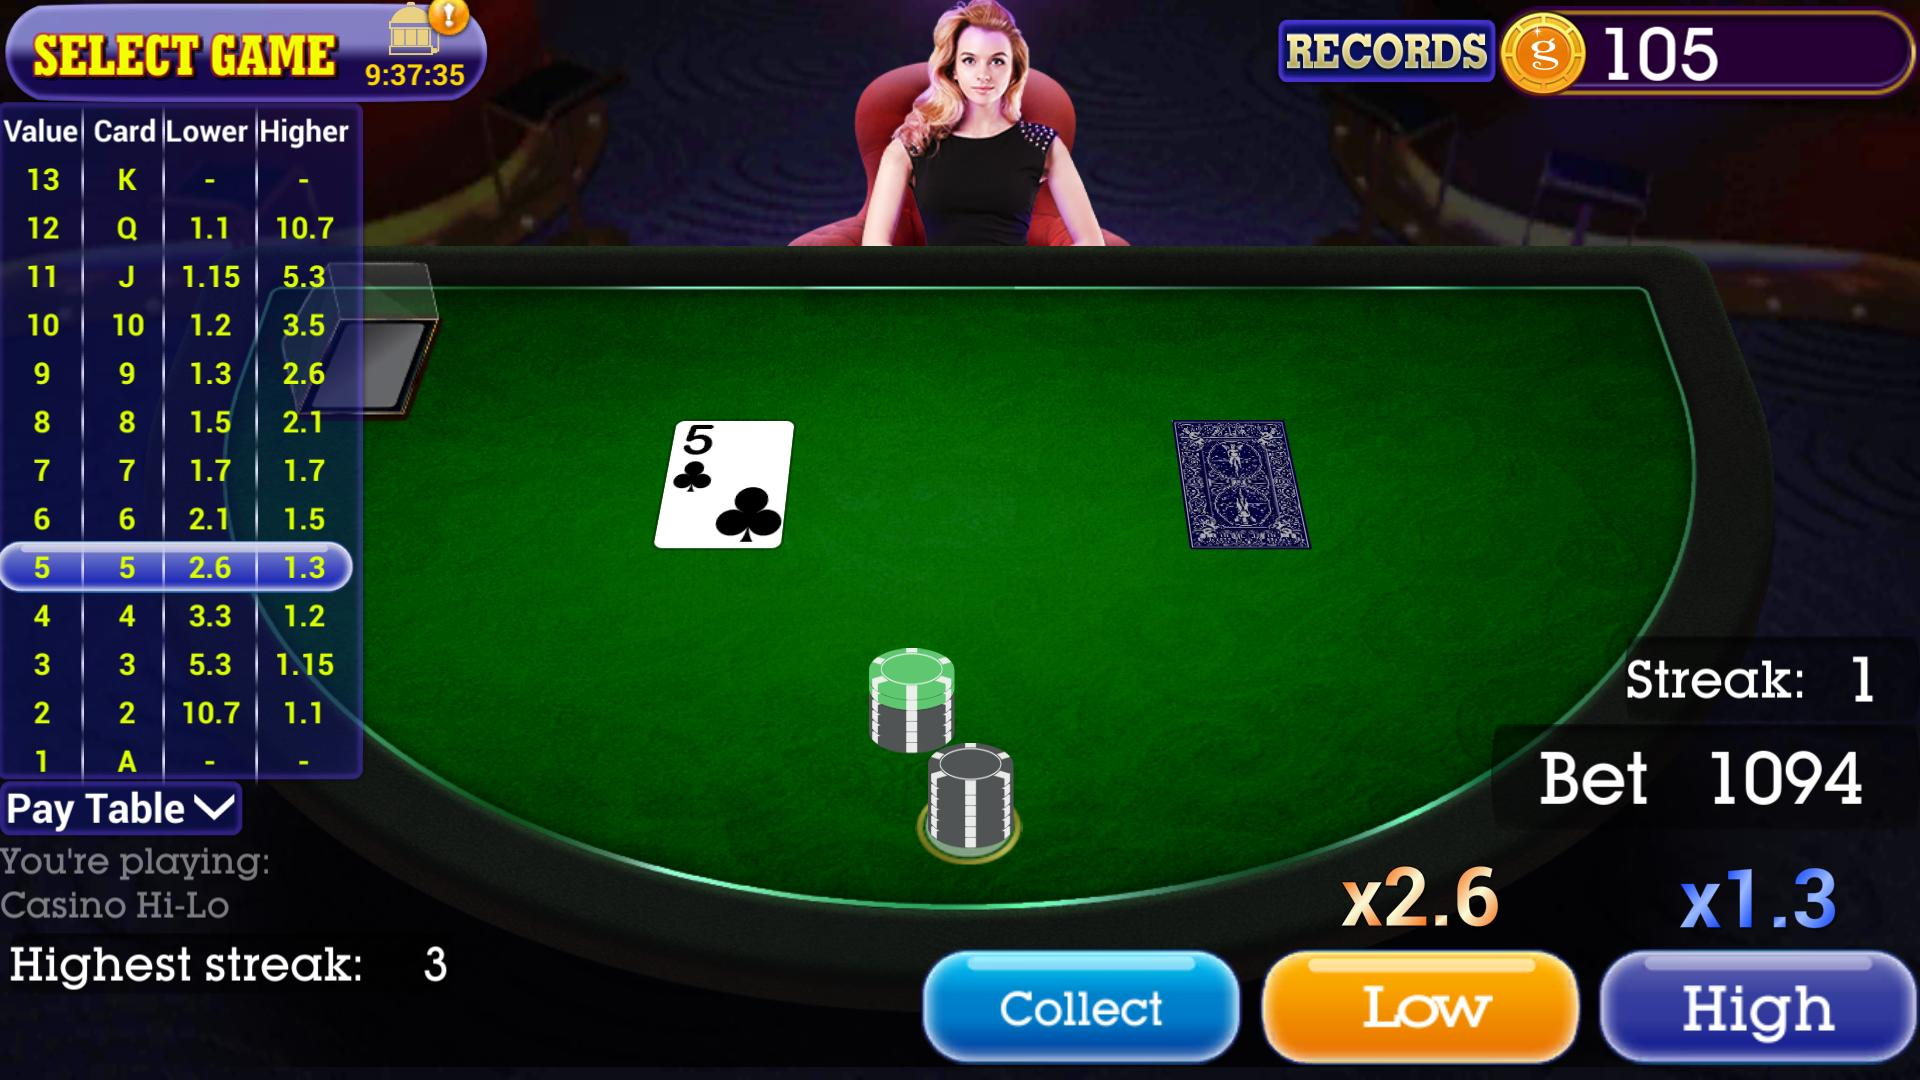 куплю аккаунт в казино